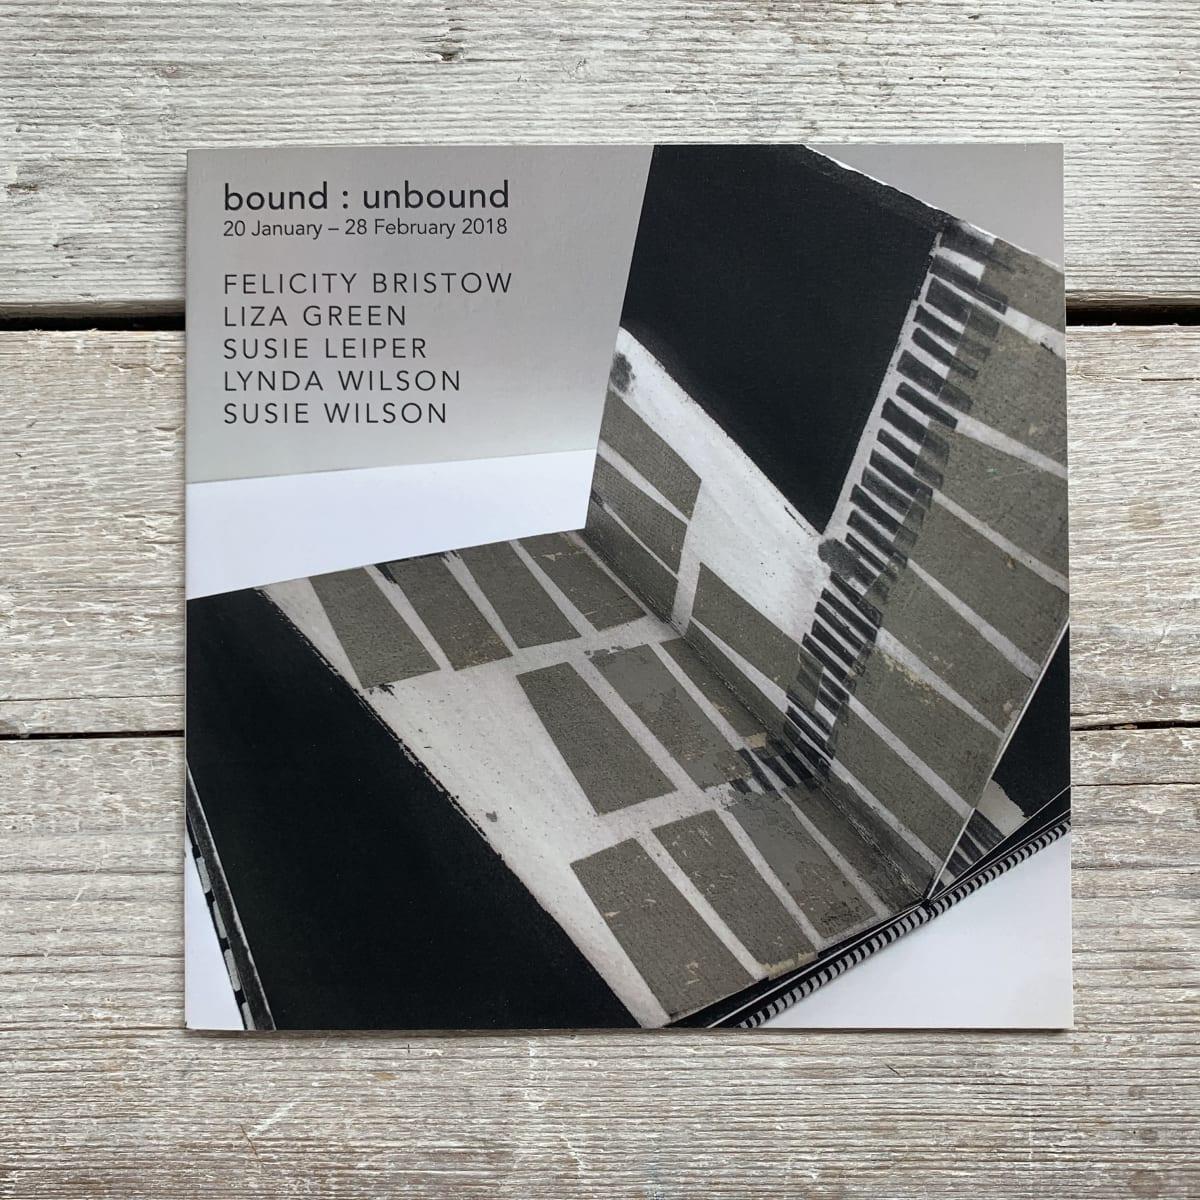 bound : unbound